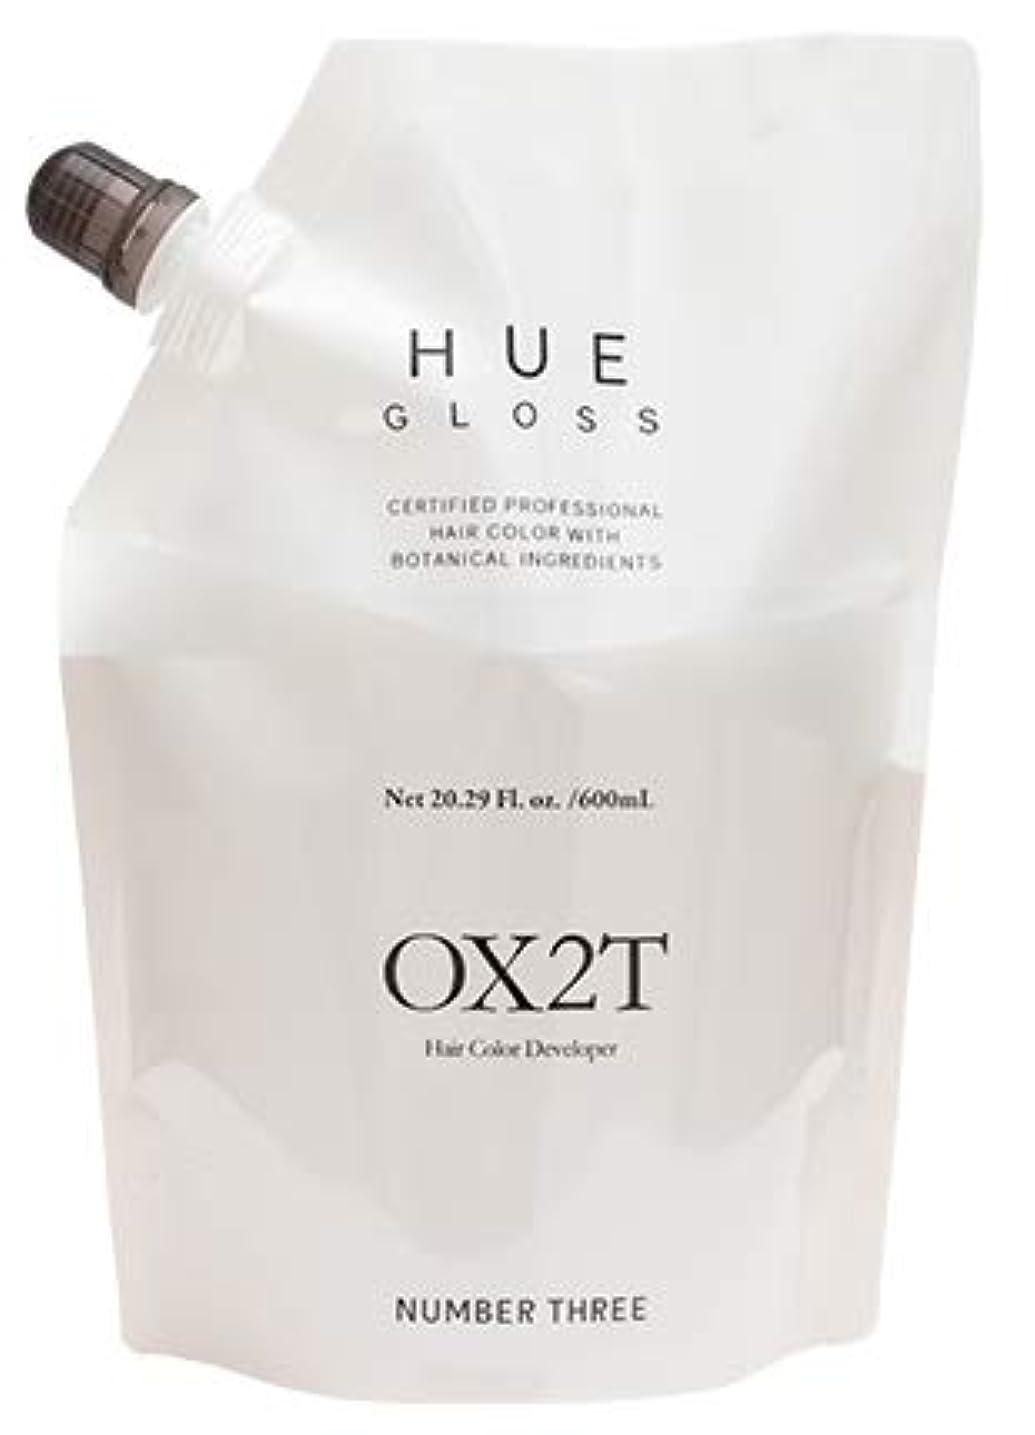 意気消沈したシェトランド諸島方法論ナンバースリーヒュウ OX2T 600mL 酸化剤(過酸化水素2%) 第2剤